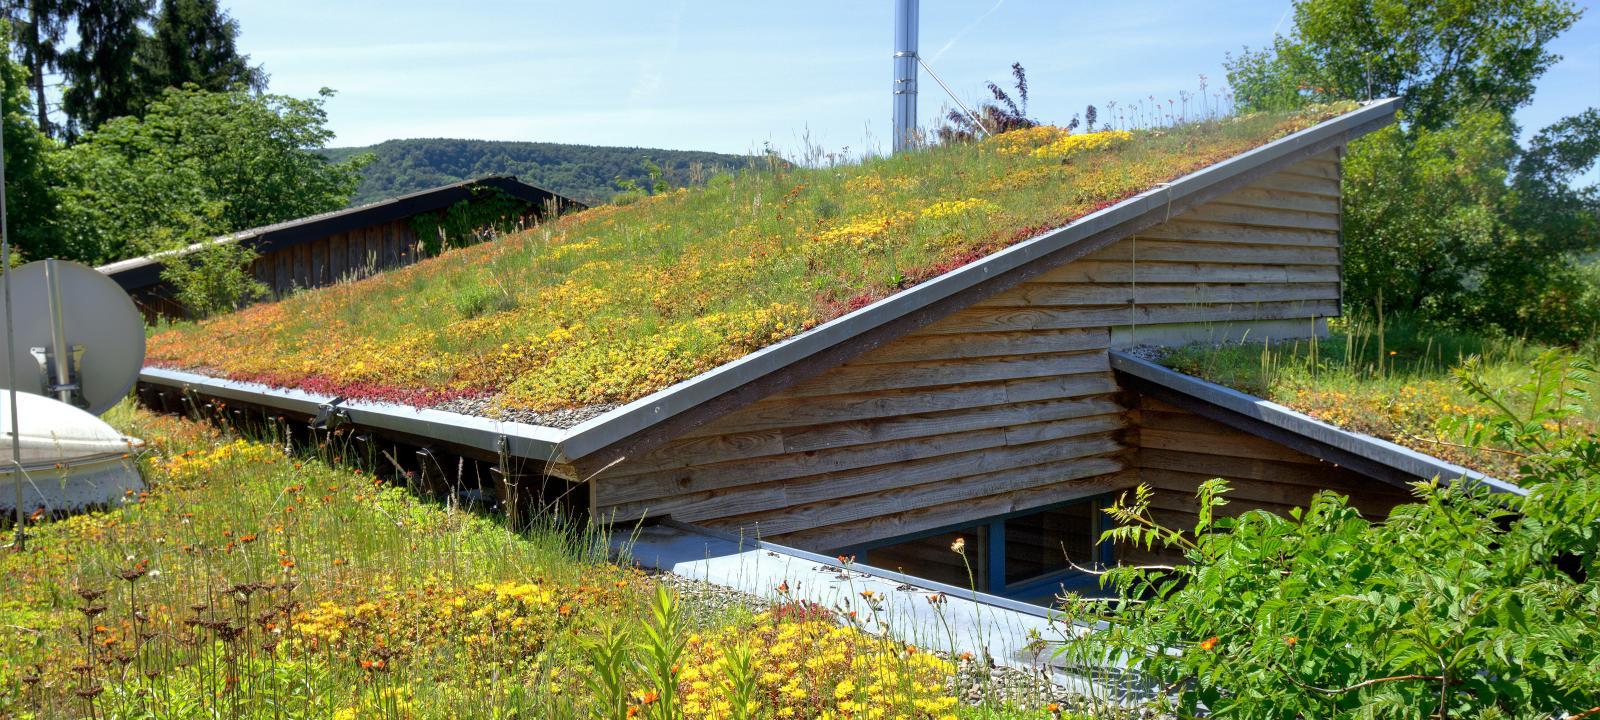 Čo zasadiť na zelenú strechu? Podrobný sprievodca rastlinami